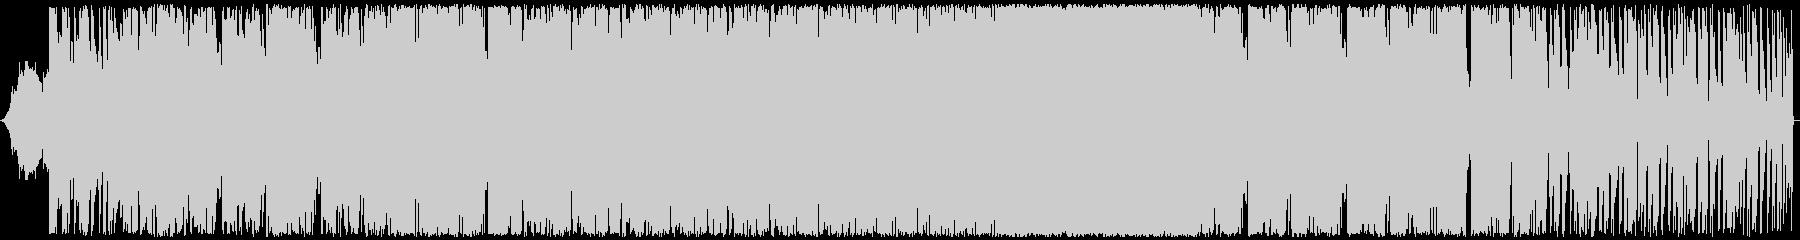 実験的 ワイルド テクノロジー シ...の未再生の波形